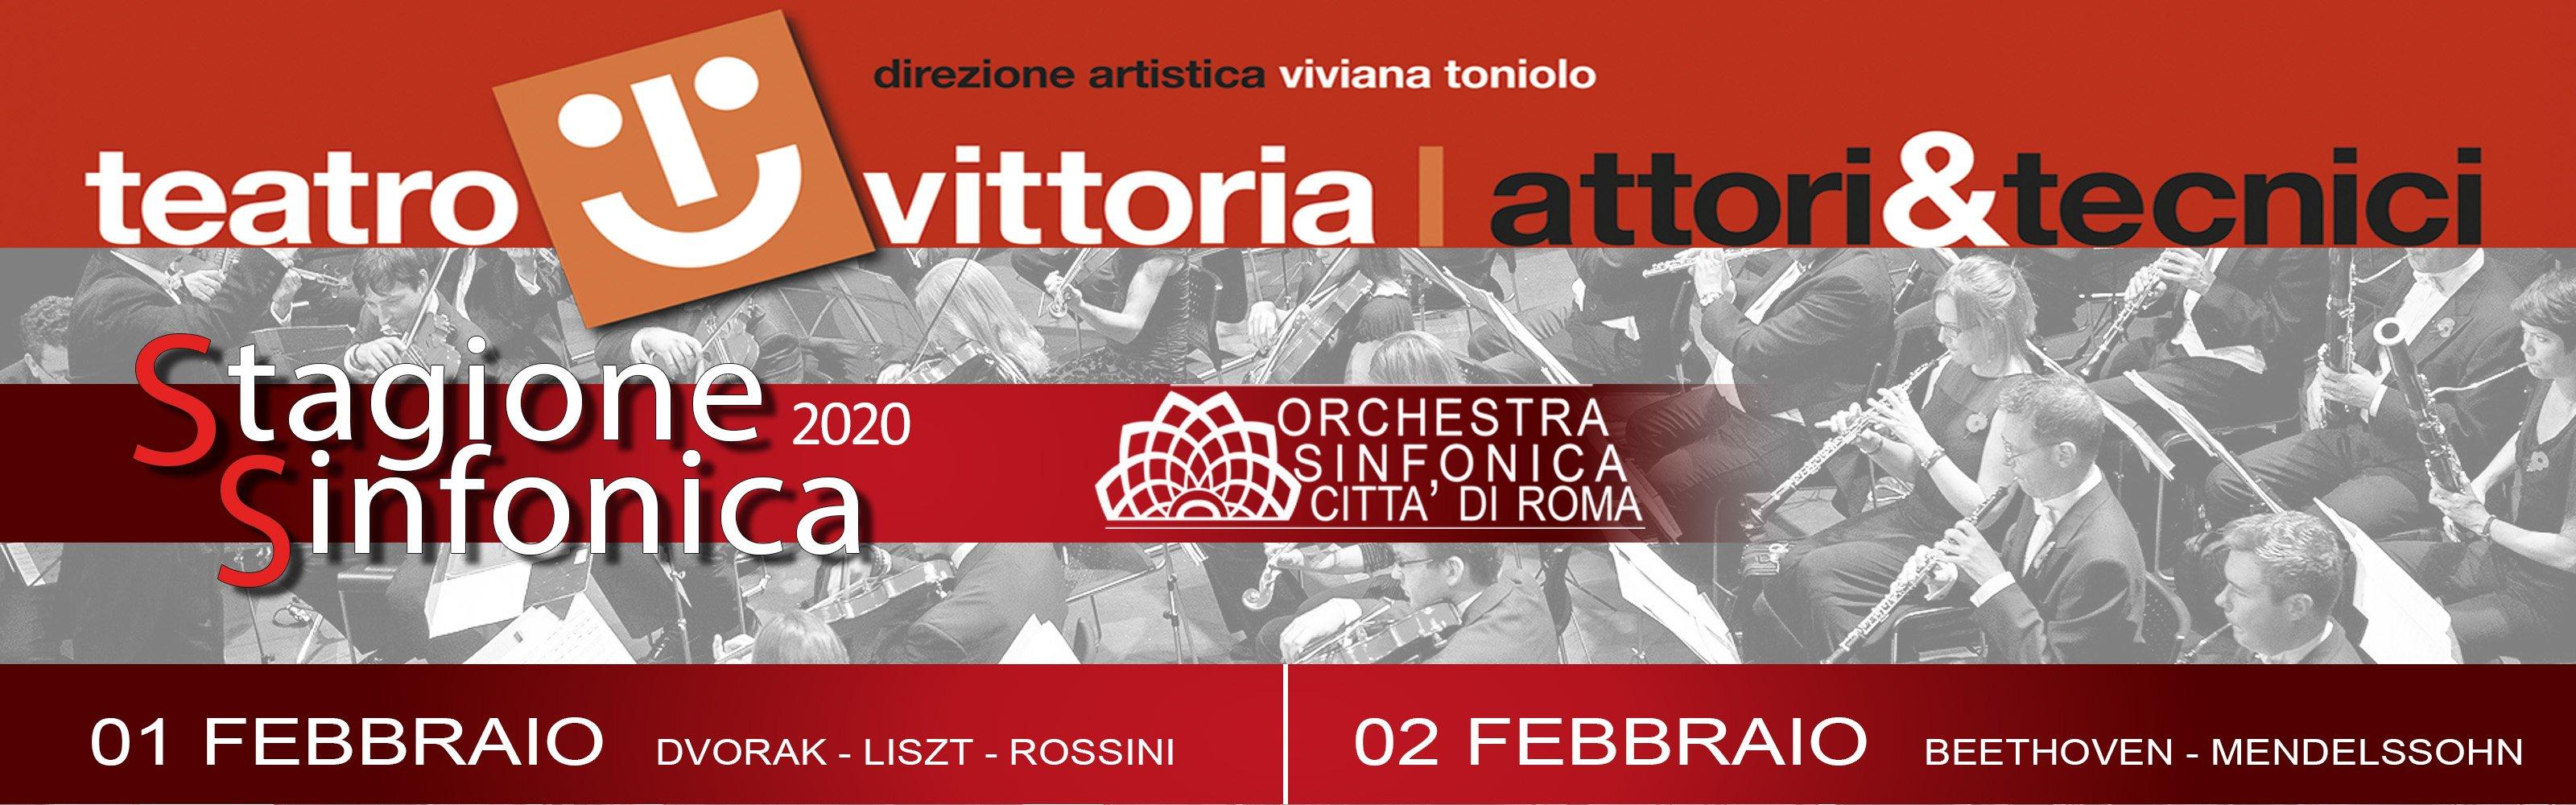 Teatro Vittoria Orchestra sinfonica città di roma